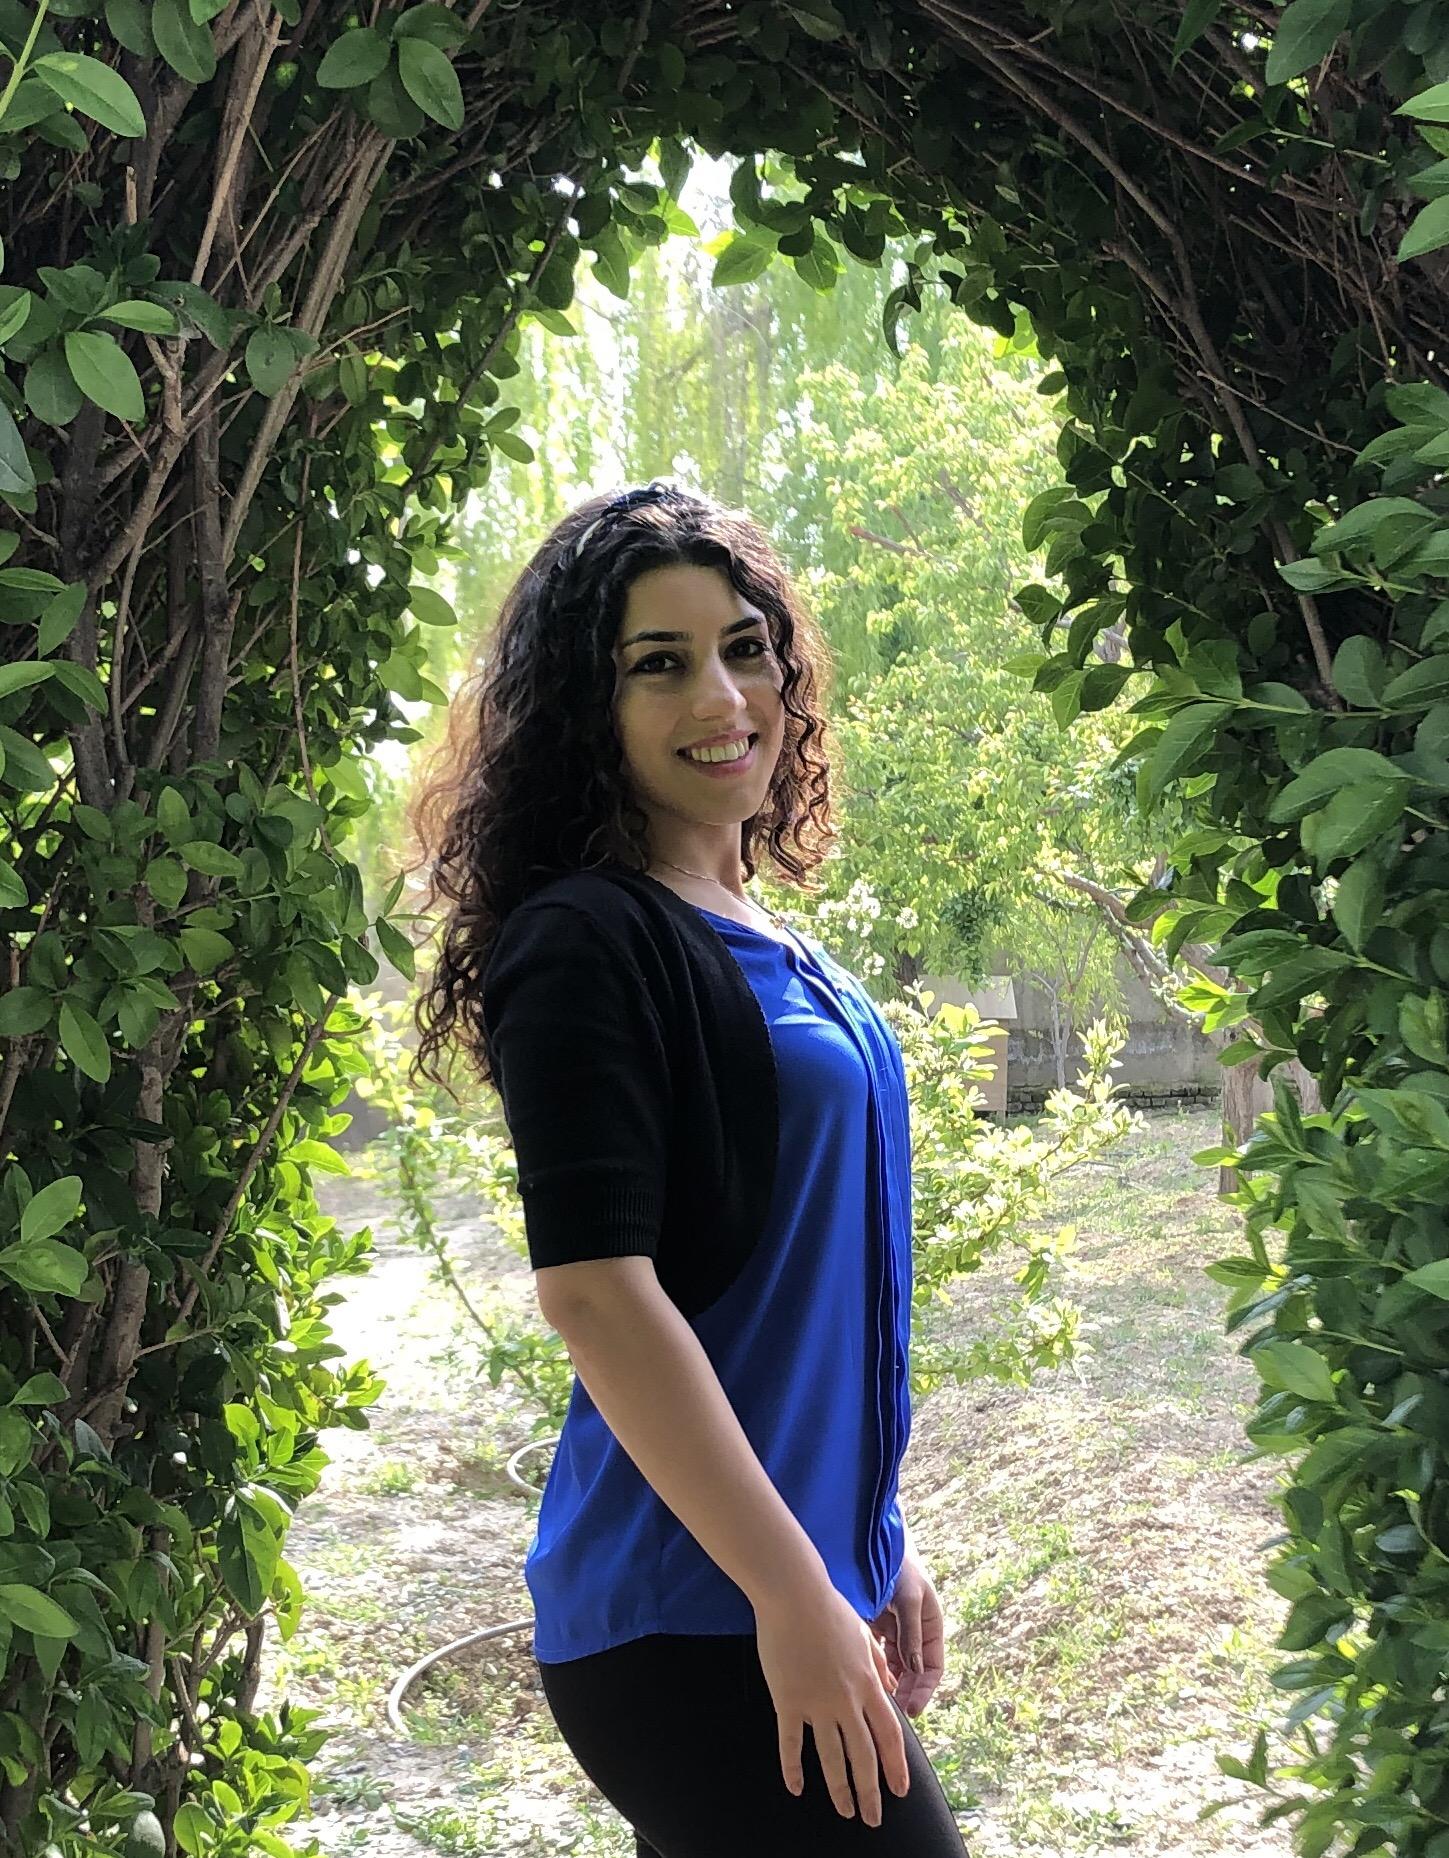 Ana's profile picture